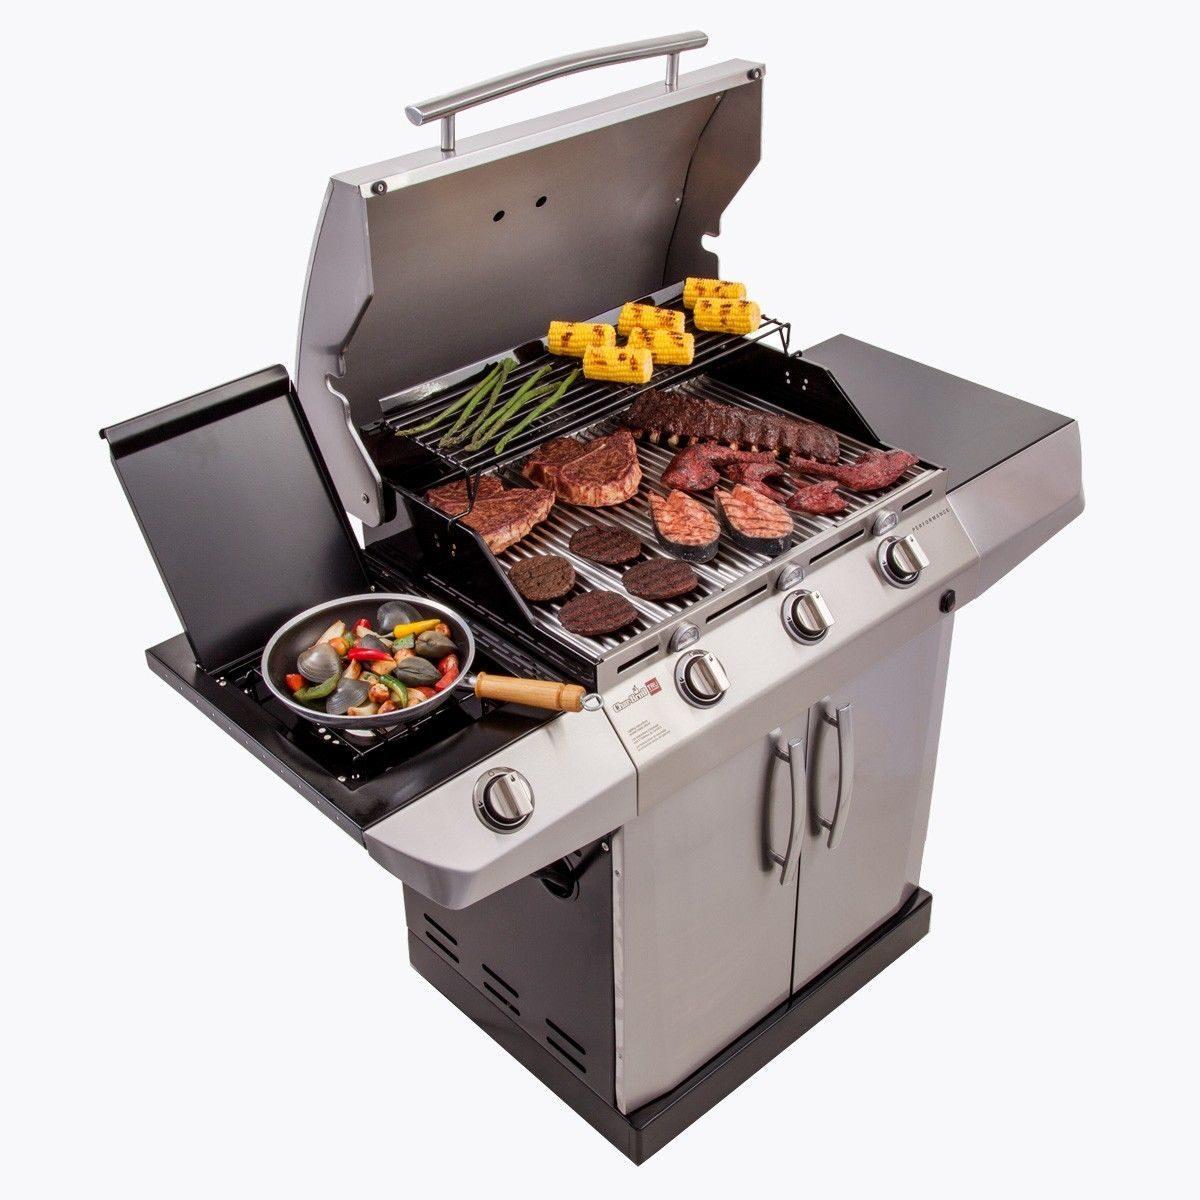 На газовом гриле удобно готовить овощи и мясо